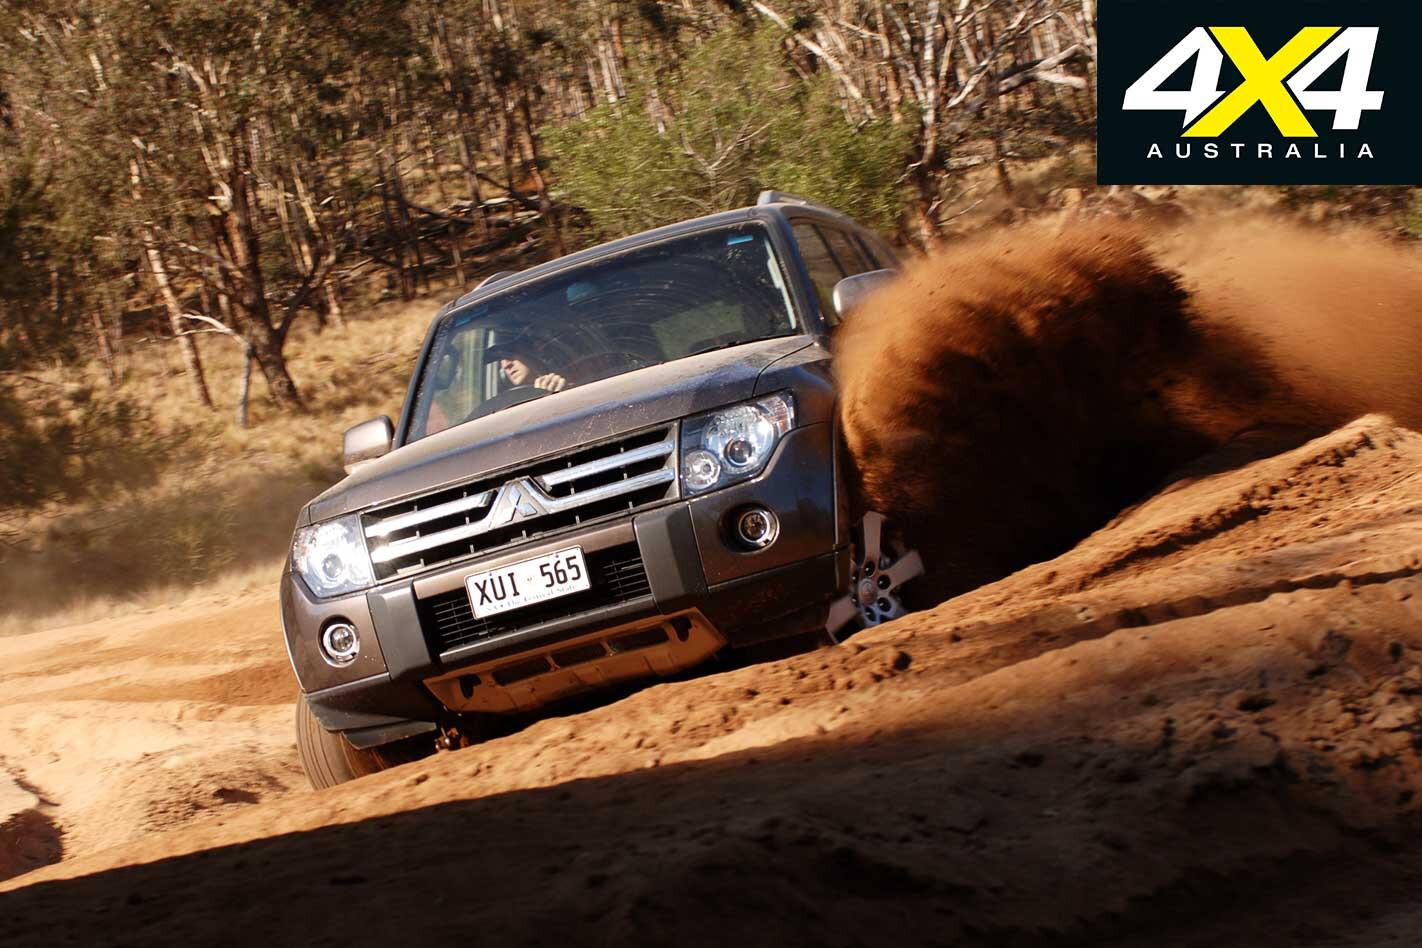 2009 Mitsubishi Pajero Off Road Sand Drivingjpg Jpg